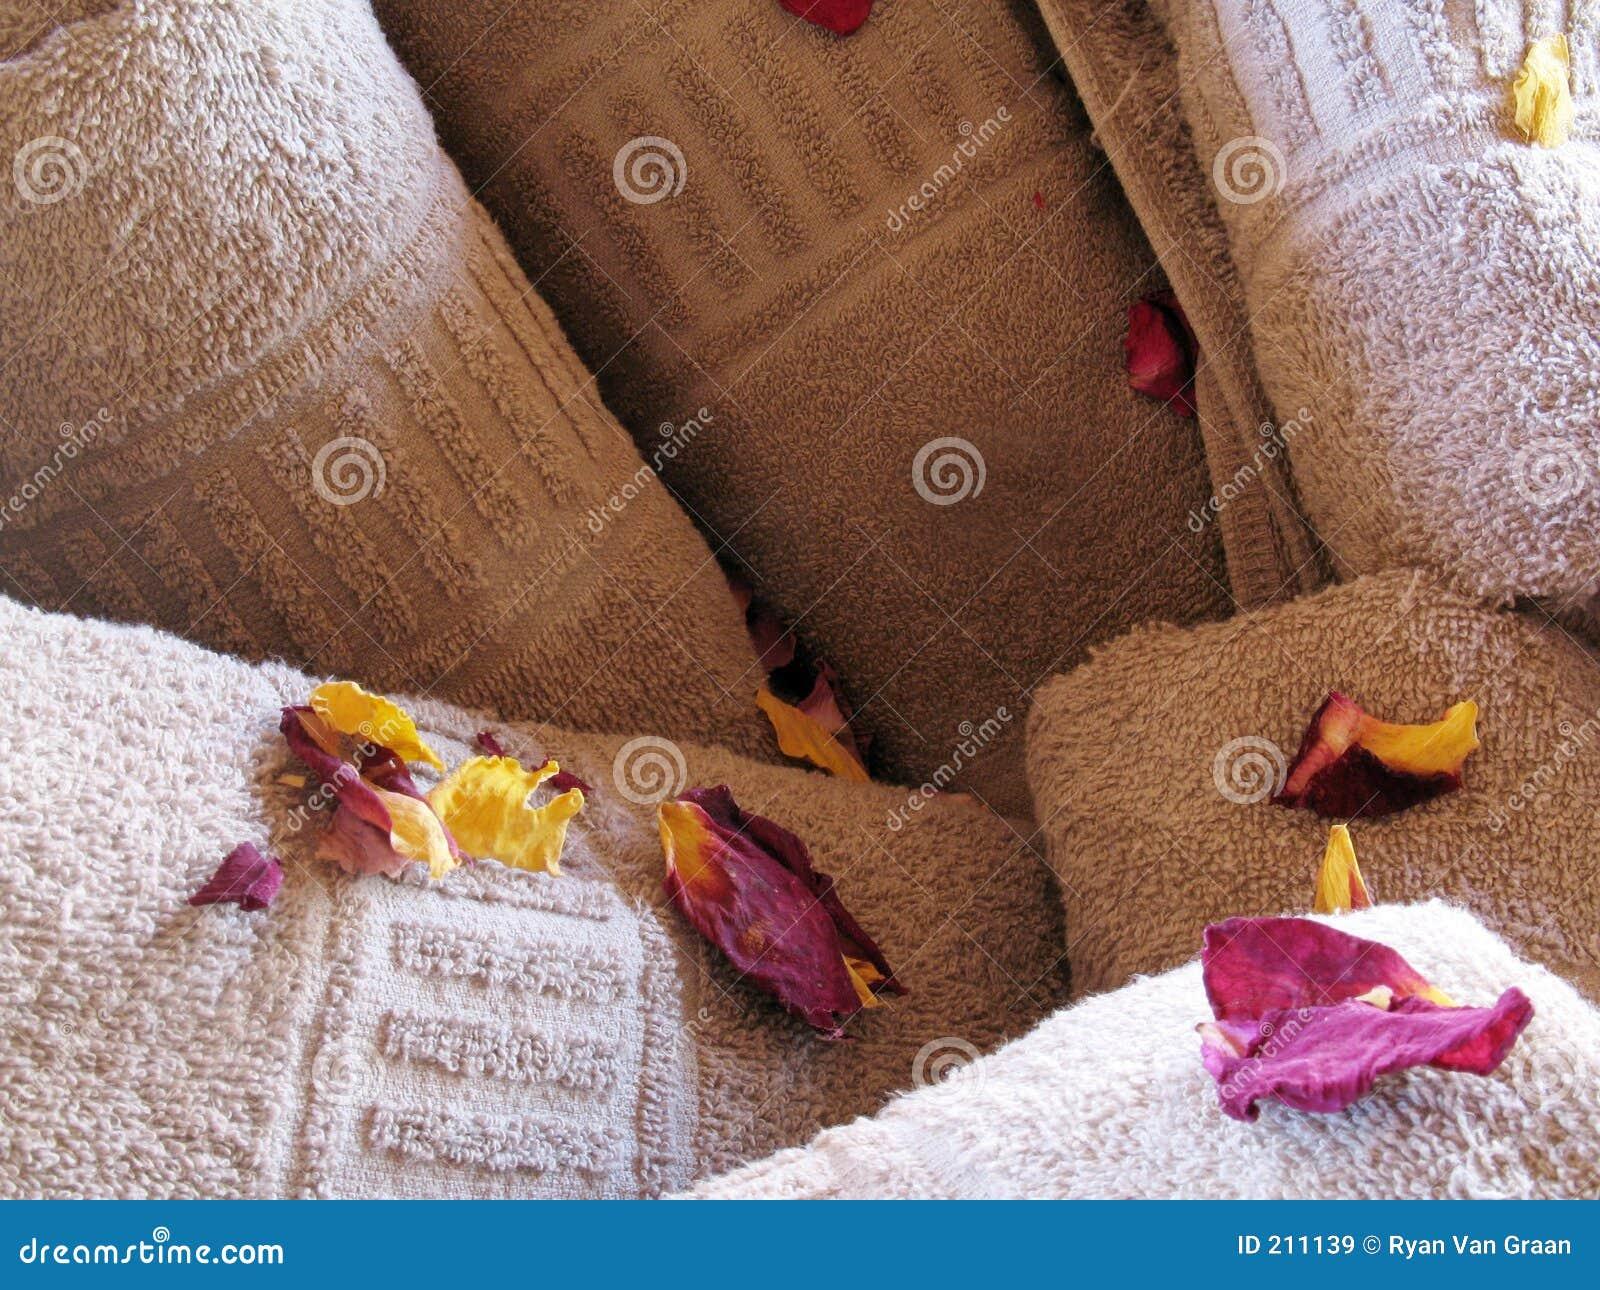 Download Tovaglioli del fiore immagine stock. Immagine di coperta - 211139